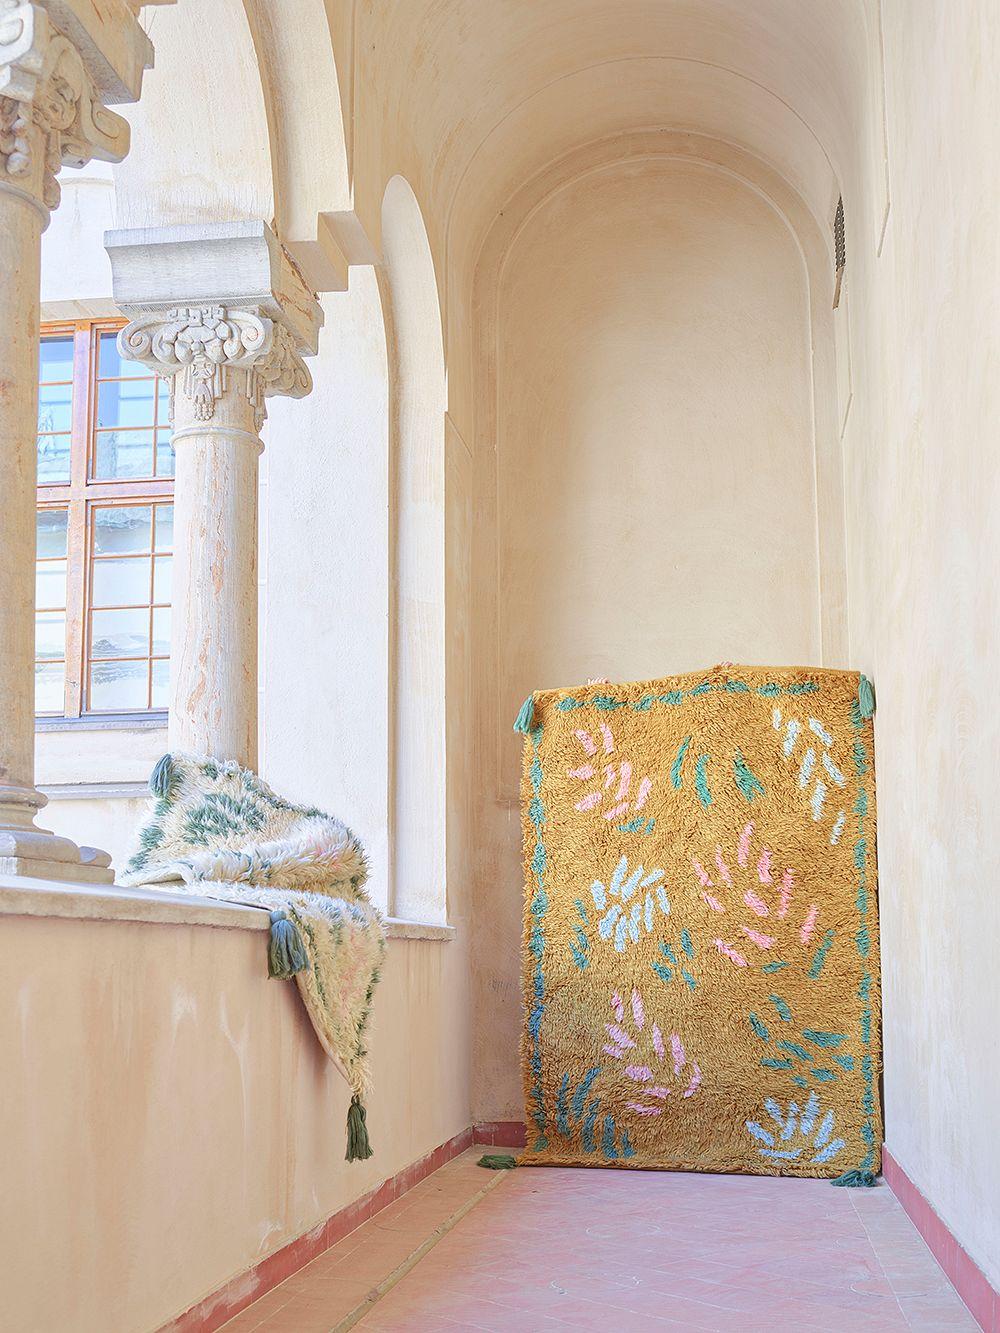 Finarte Väre matto, 140 x 200 cm, sinappi